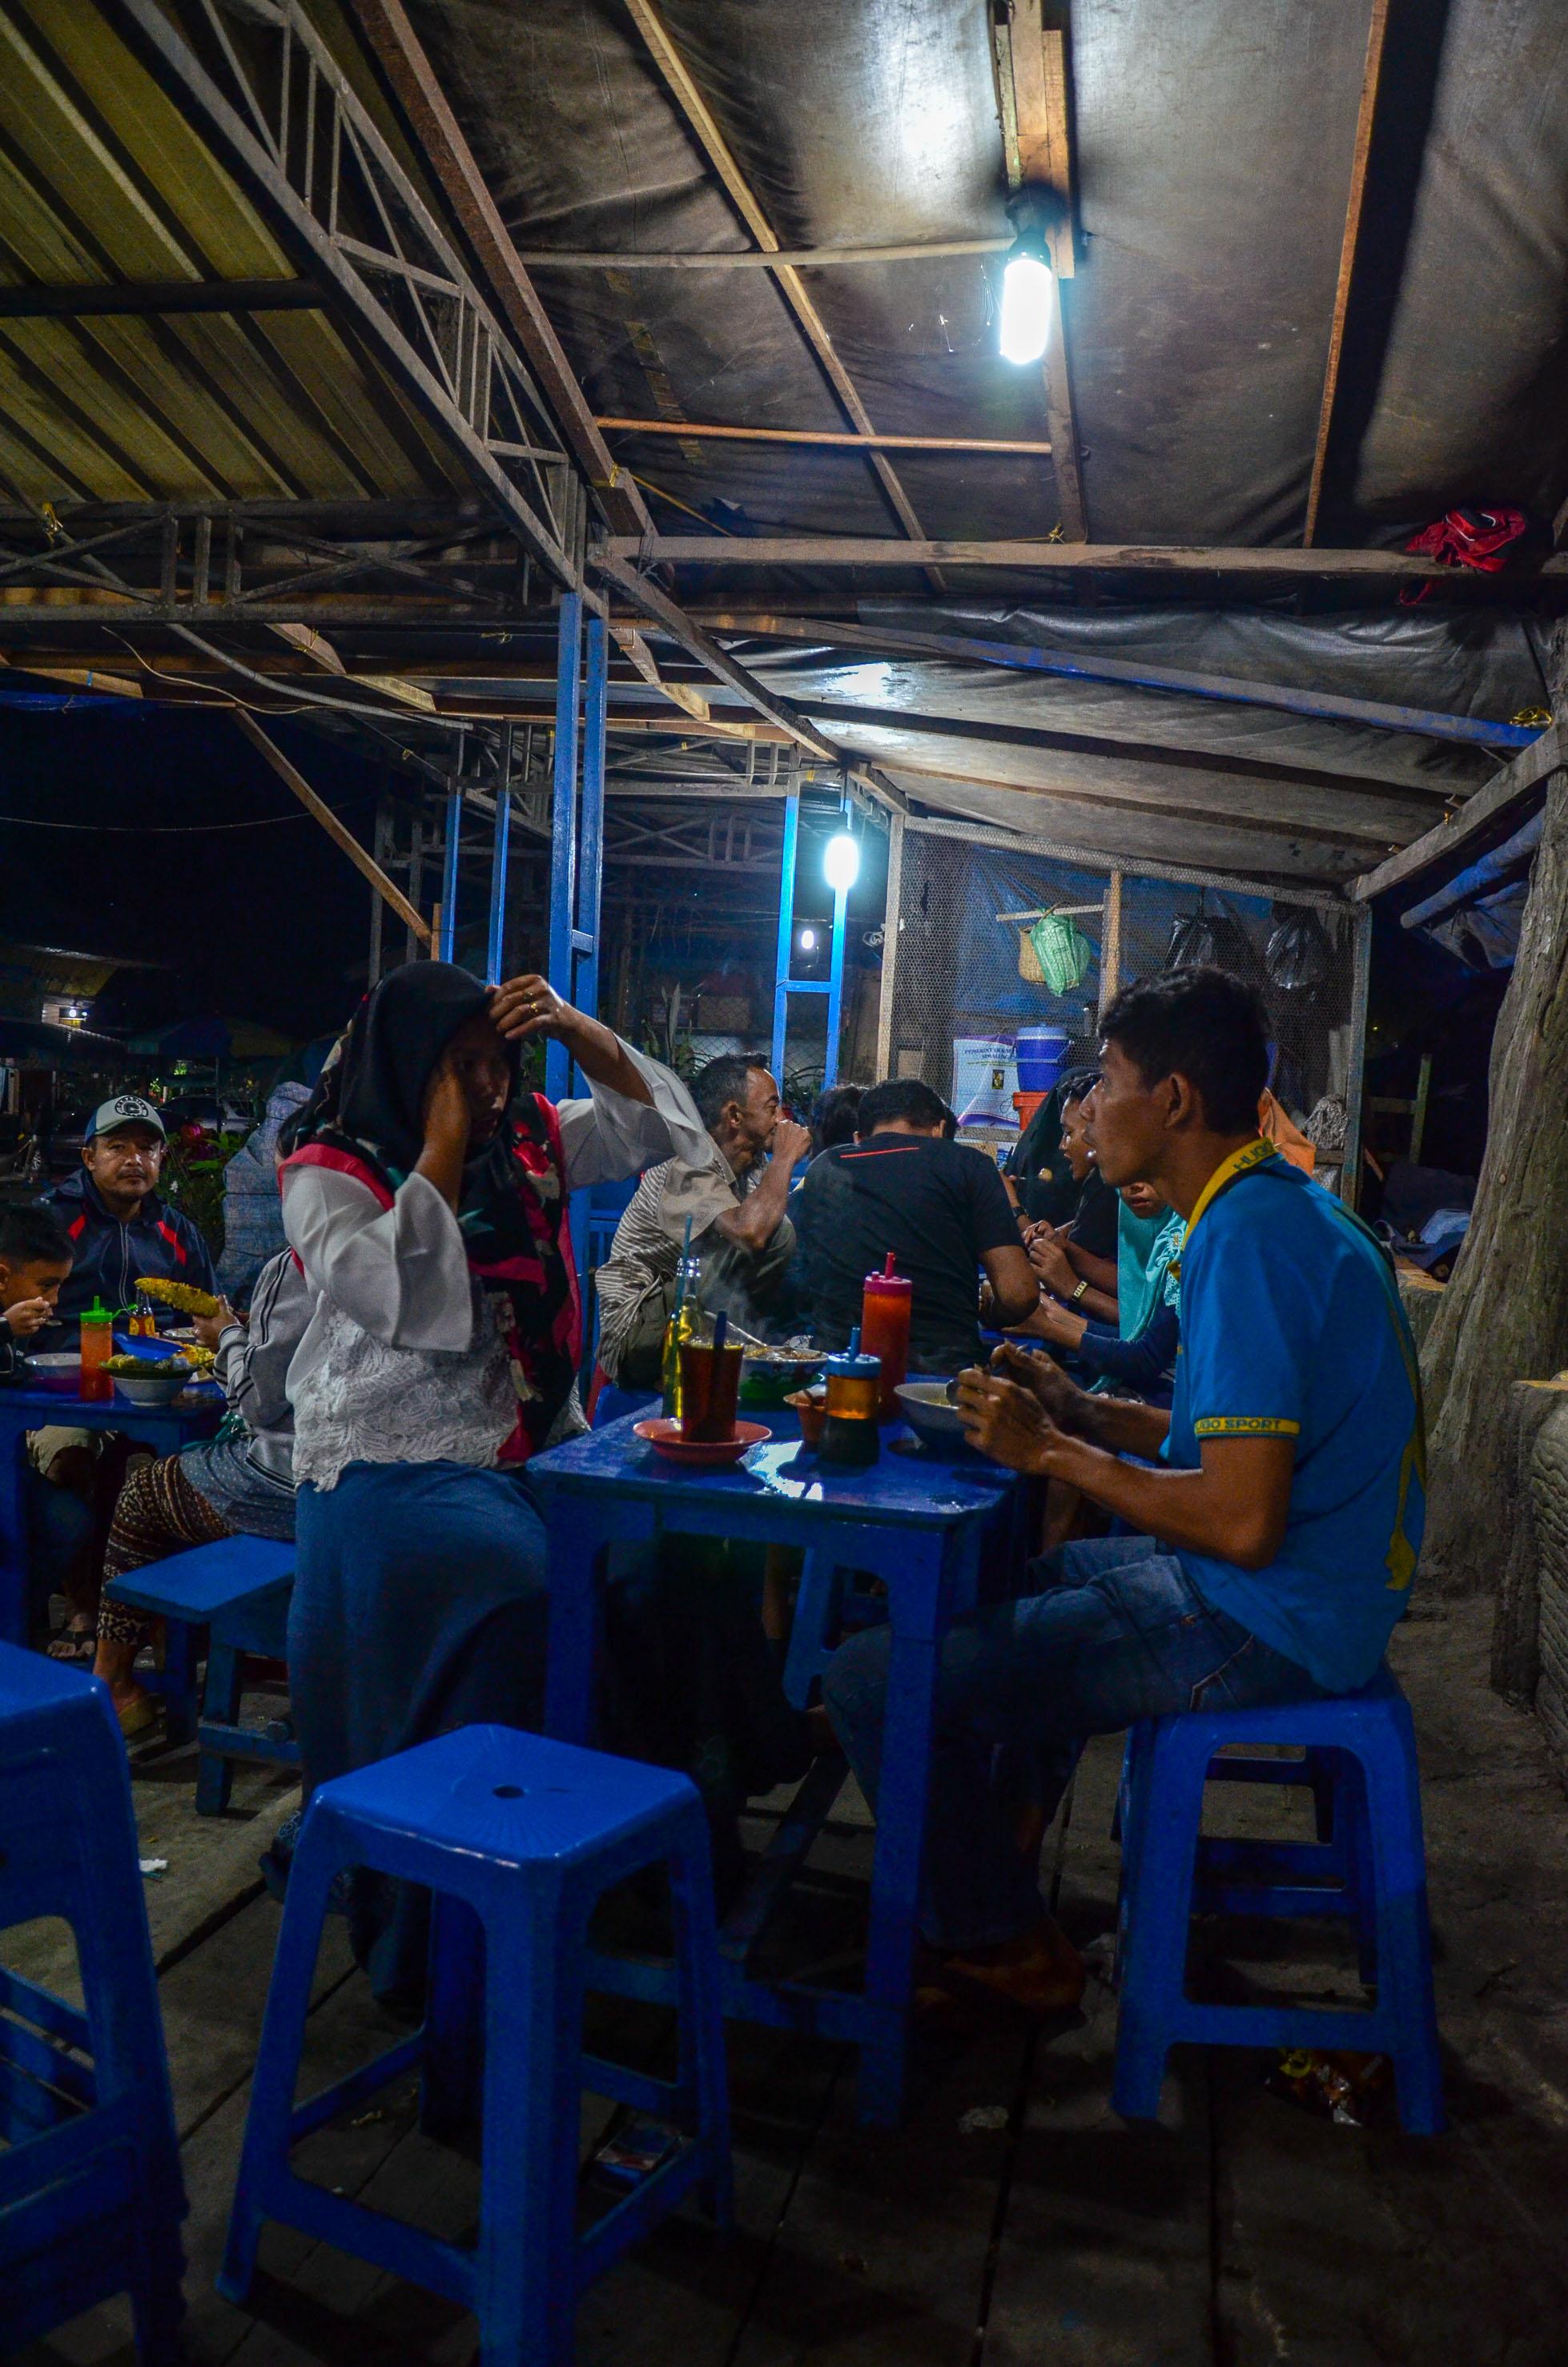 Wieczorne rozmowy przy kolacji. Berastagi, Indonezja.